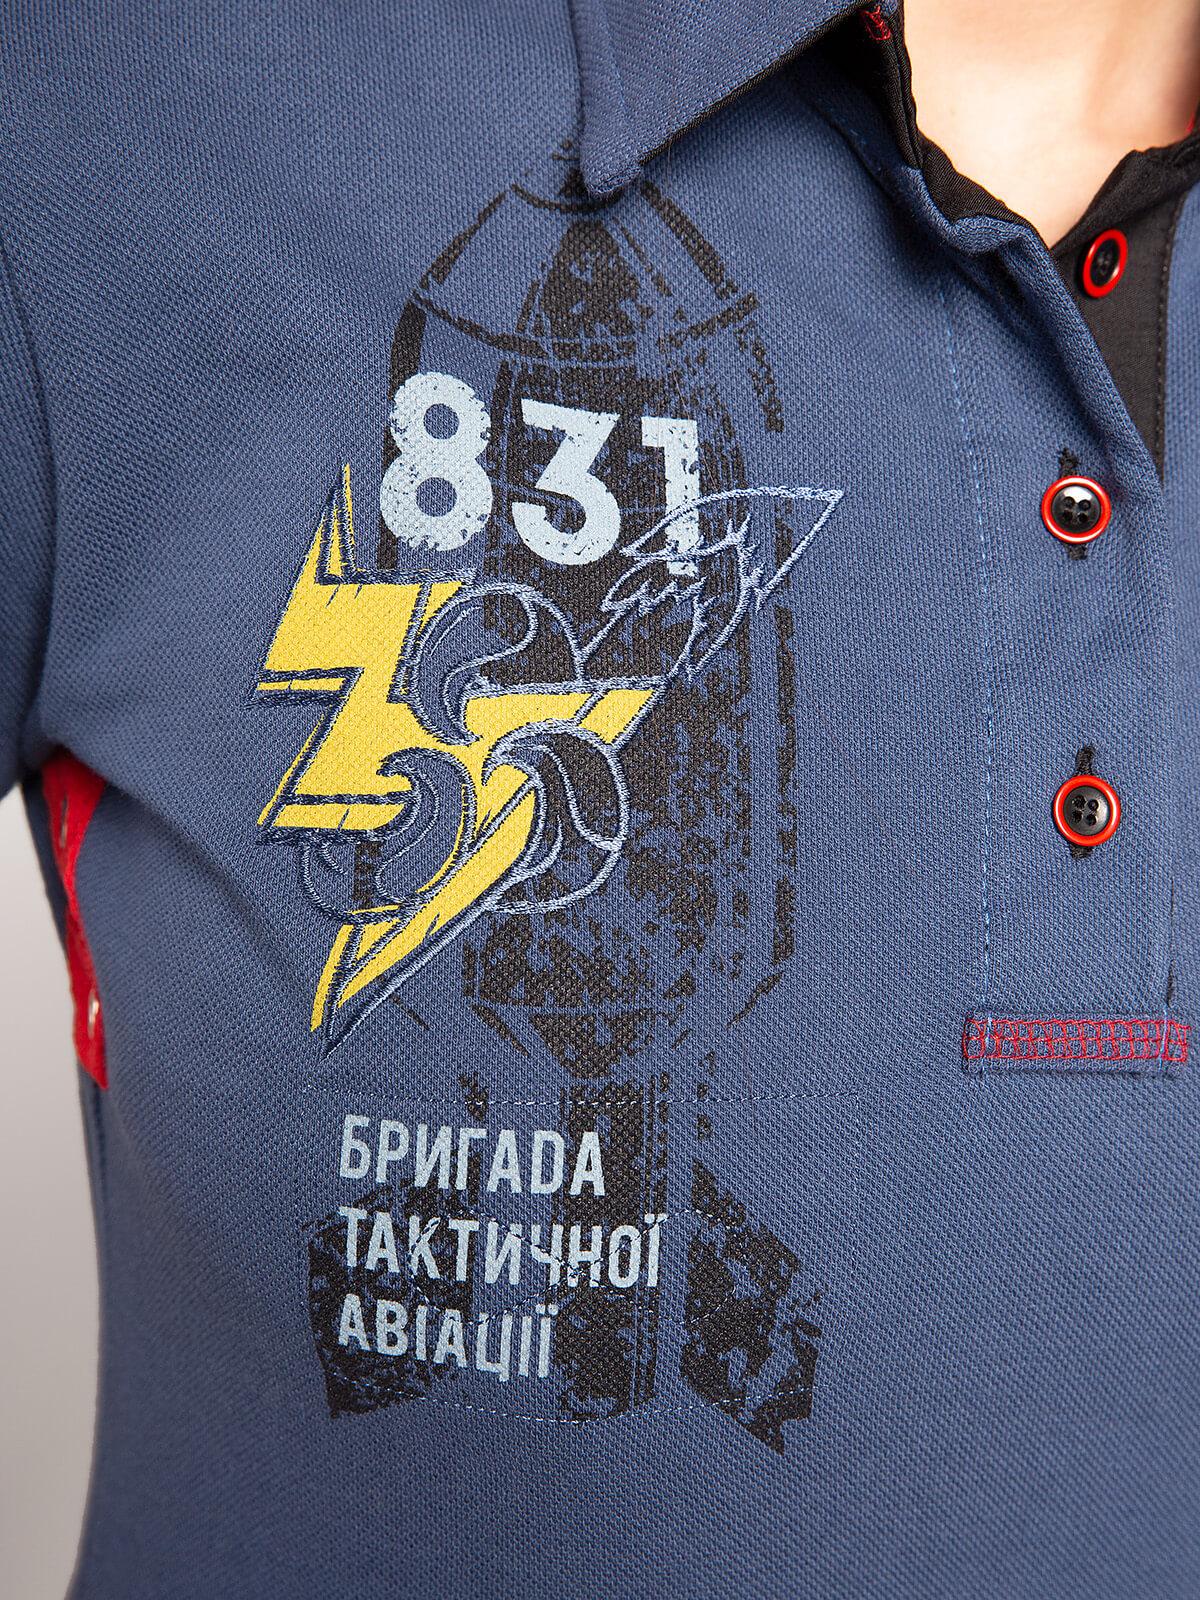 Men's Polo Shirt 831 Brigade. Color denim. .